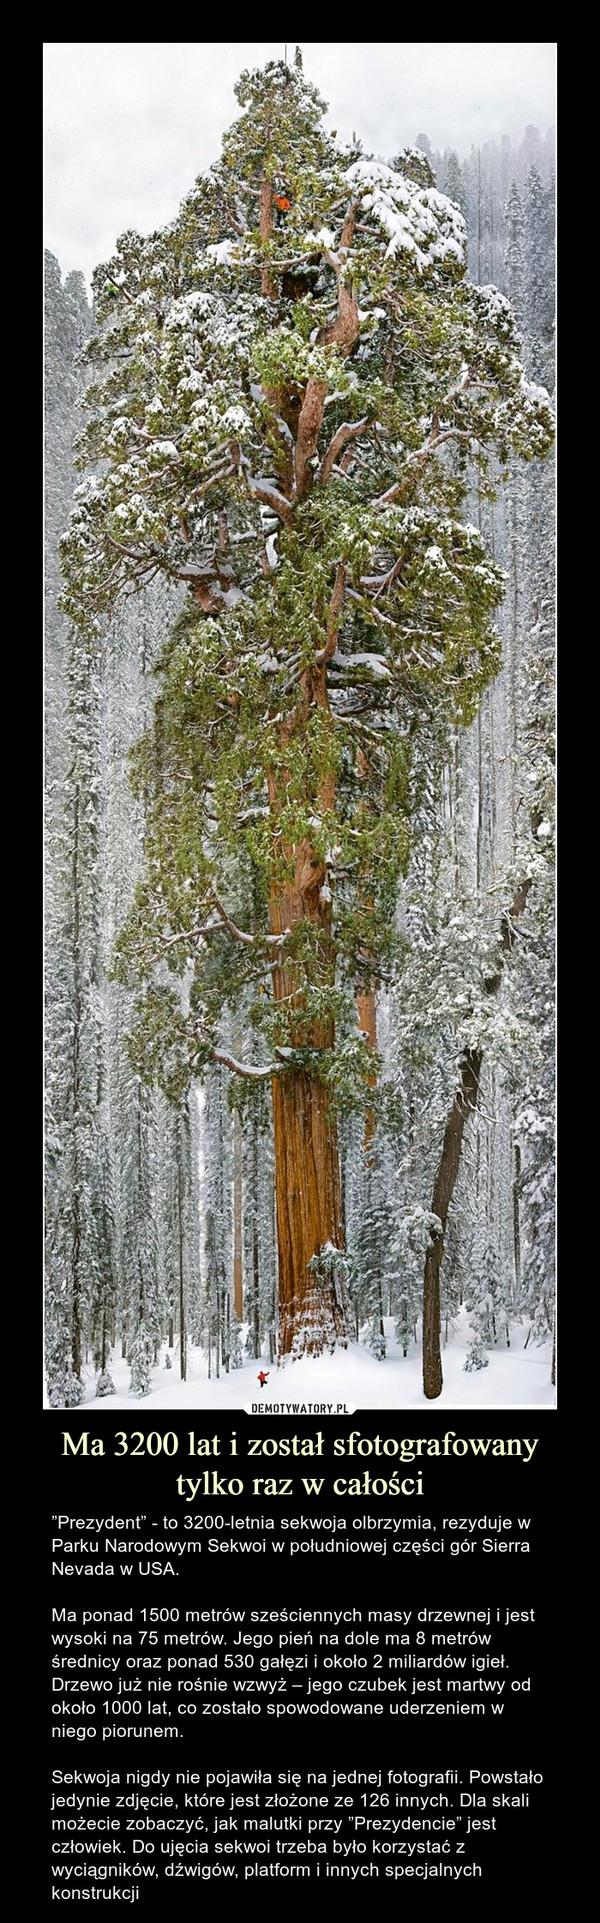 """Ma 3200 lat i został sfotografowany tylko raz w całości – """"Prezydent"""" - to 3200-letnia sekwoja olbrzymia, rezyduje w Parku Narodowym Sekwoi w południowej części gór Sierra Nevada w USA.Ma ponad 1500 metrów sześciennych masy drzewnej i jest wysoki na 75 metrów. Jego pień na dole ma 8 metrów średnicy oraz ponad 530 gałęzi i około 2 miliardów igieł. Drzewo już nie rośnie wzwyż – jego czubek jest martwy od około 1000 lat, co zostało spowodowane uderzeniem w niego piorunem. Sekwoja nigdy nie pojawiła się na jednej fotografii. Powstało jedynie zdjęcie, które jest złożone ze 126 innych. Dla skali możecie zobaczyć, jak malutki przy """"Prezydencie"""" jest człowiek. Do ujęcia sekwoi trzeba było korzystać z wyciągników, dźwigów, platform i innych specjalnych konstrukcji"""